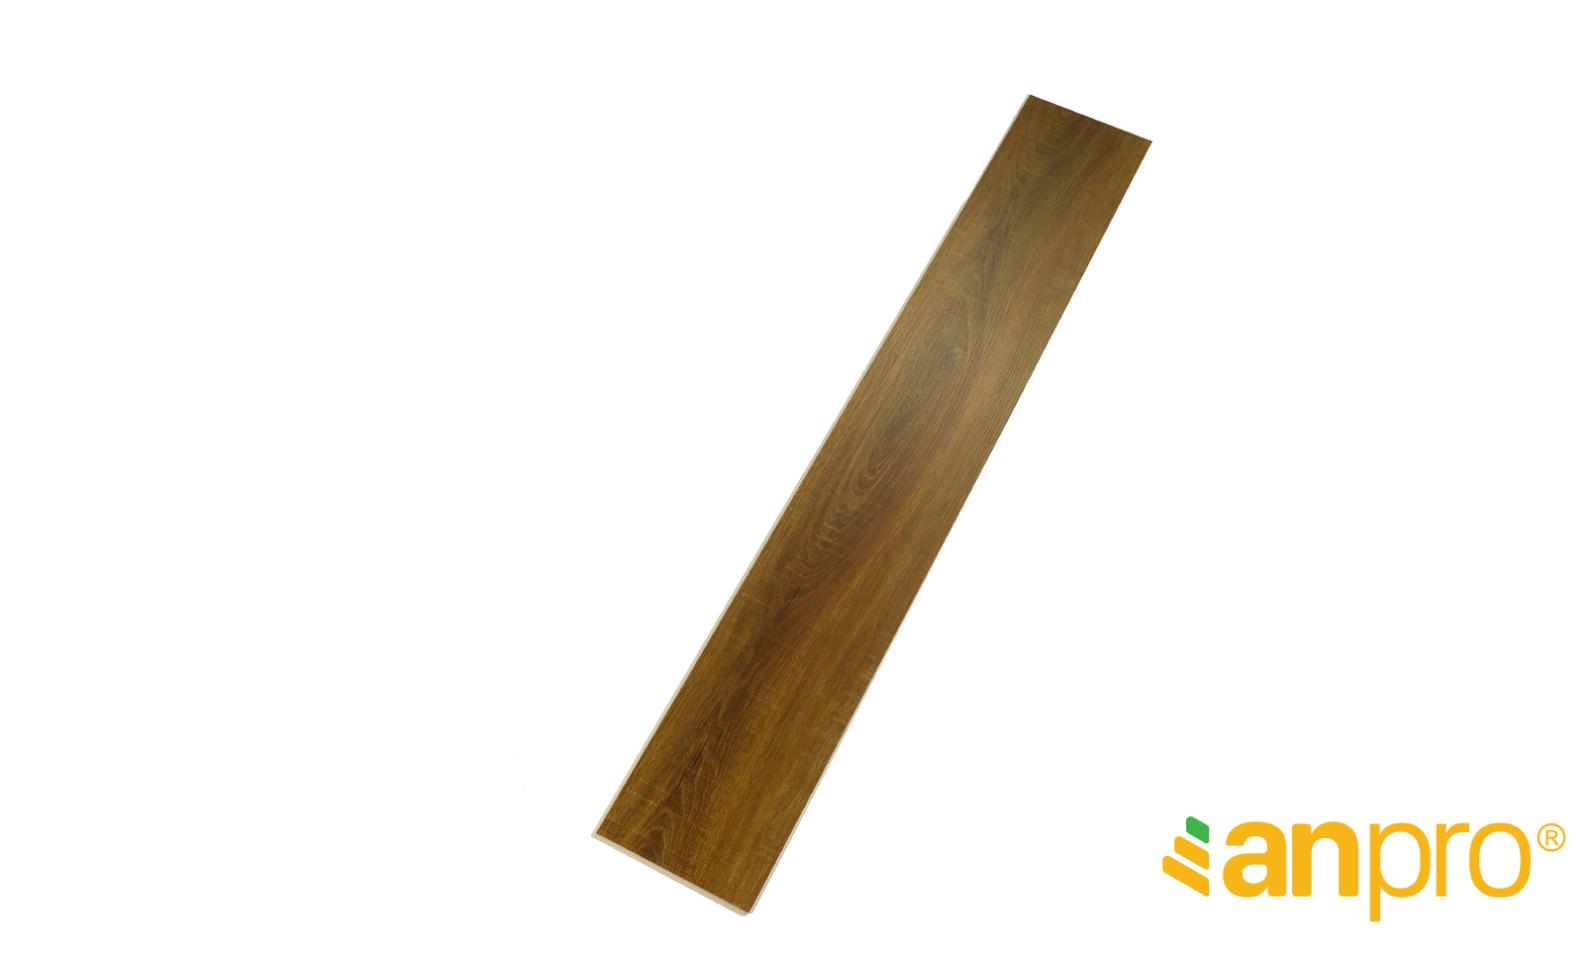 BTF 68029 5 AnPro 01 - Sàn AnPro vân gỗ SA110